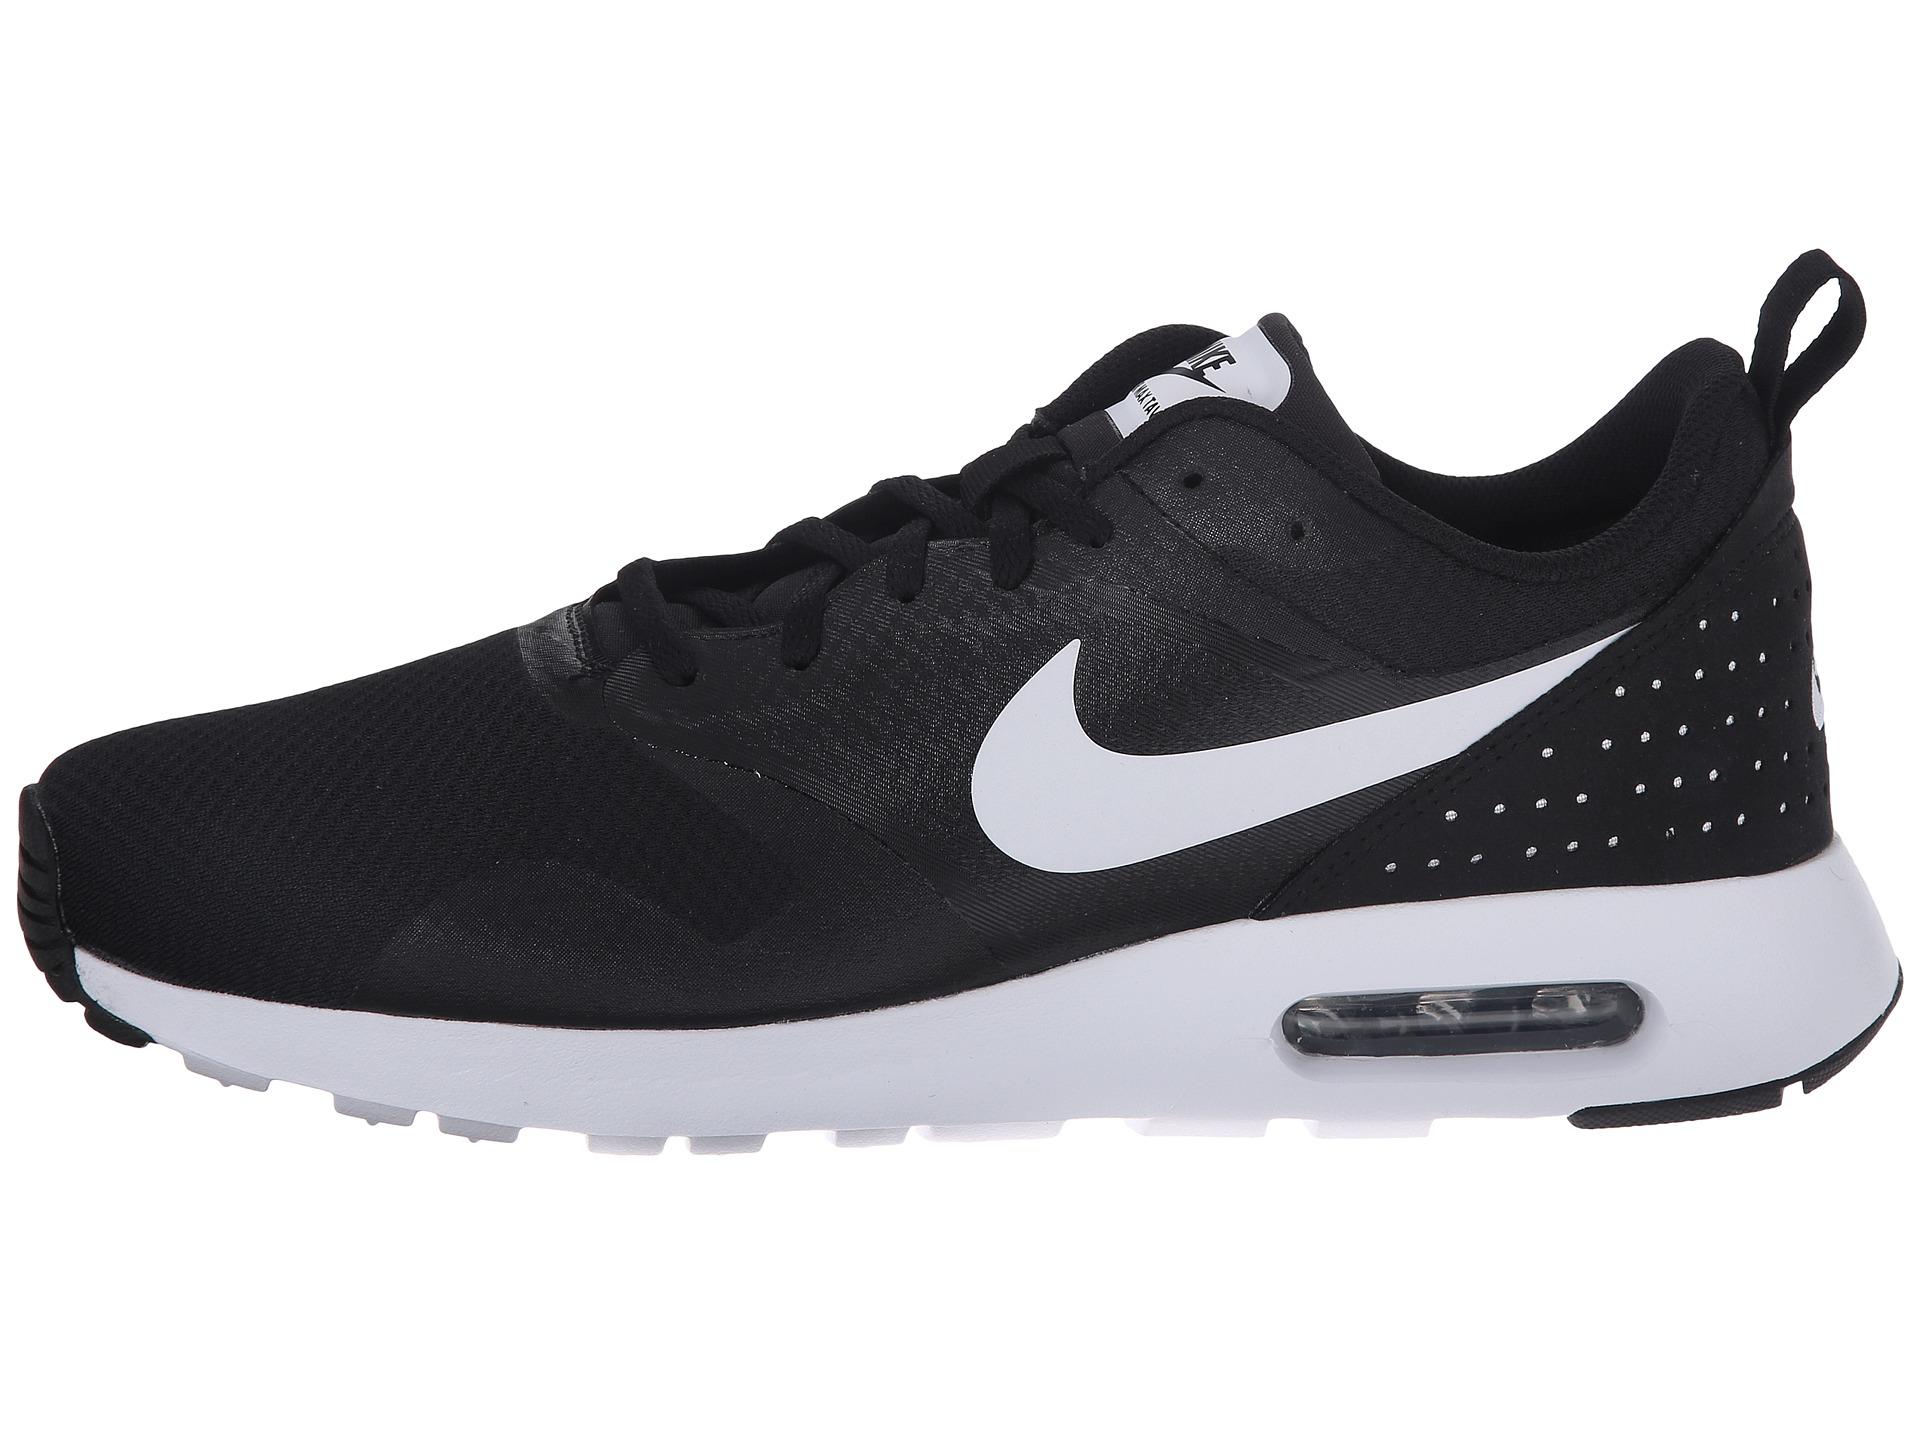 Nike Air Max Tavas Low Top Sneakers In Black For Men